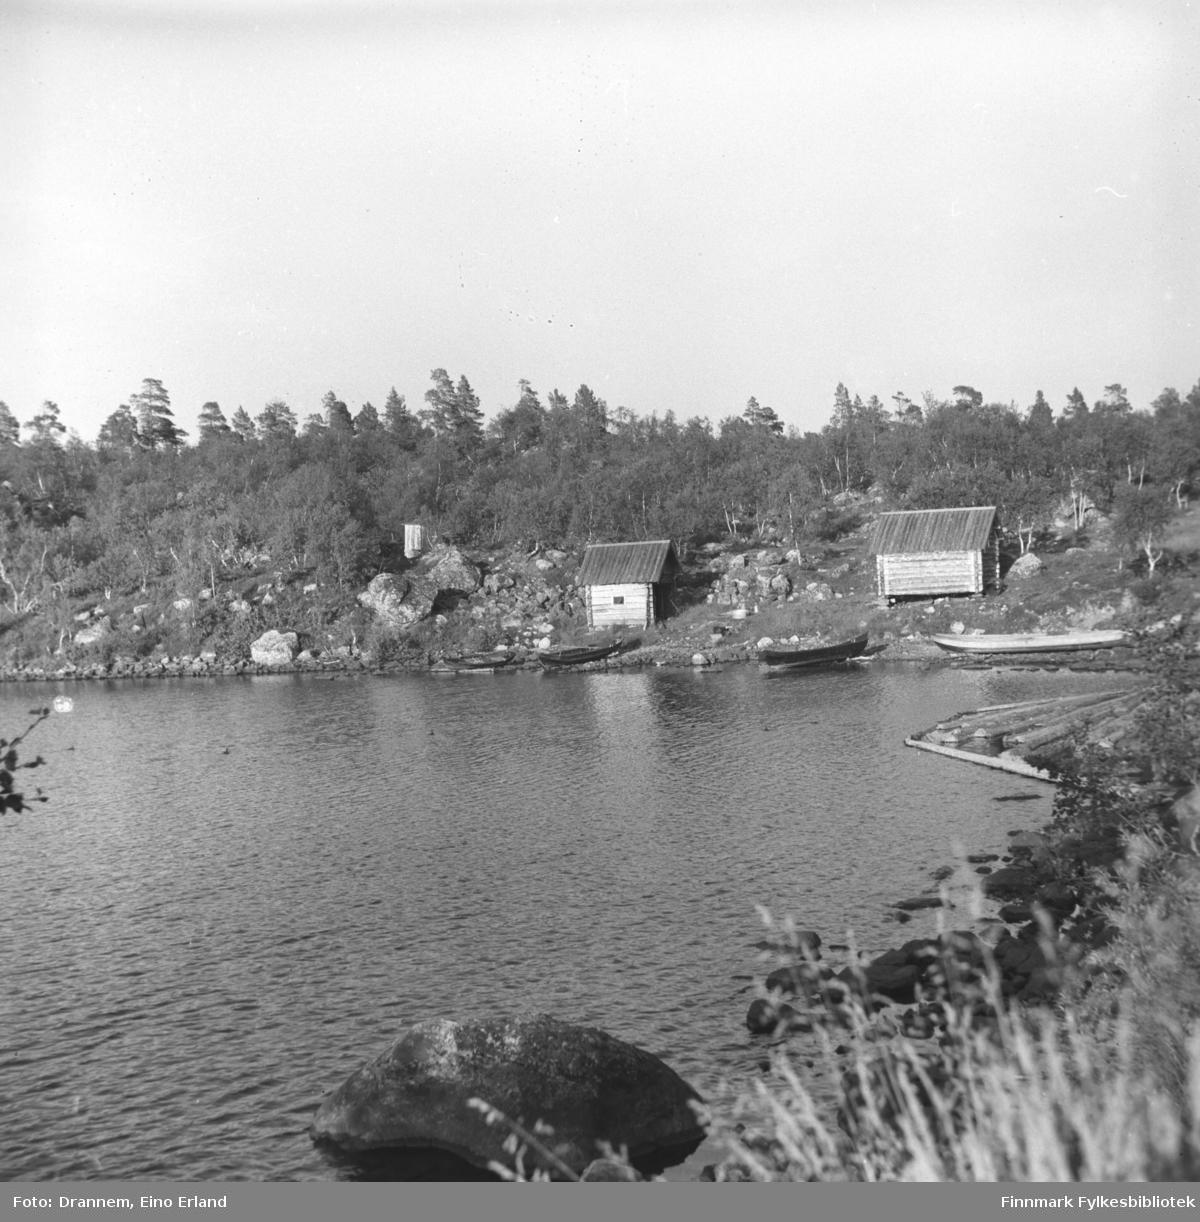 Grensevaktstasjonen i Finland eide hytter (røykbadstu) i Luolajärvi, som var åpne for alle etterhvert